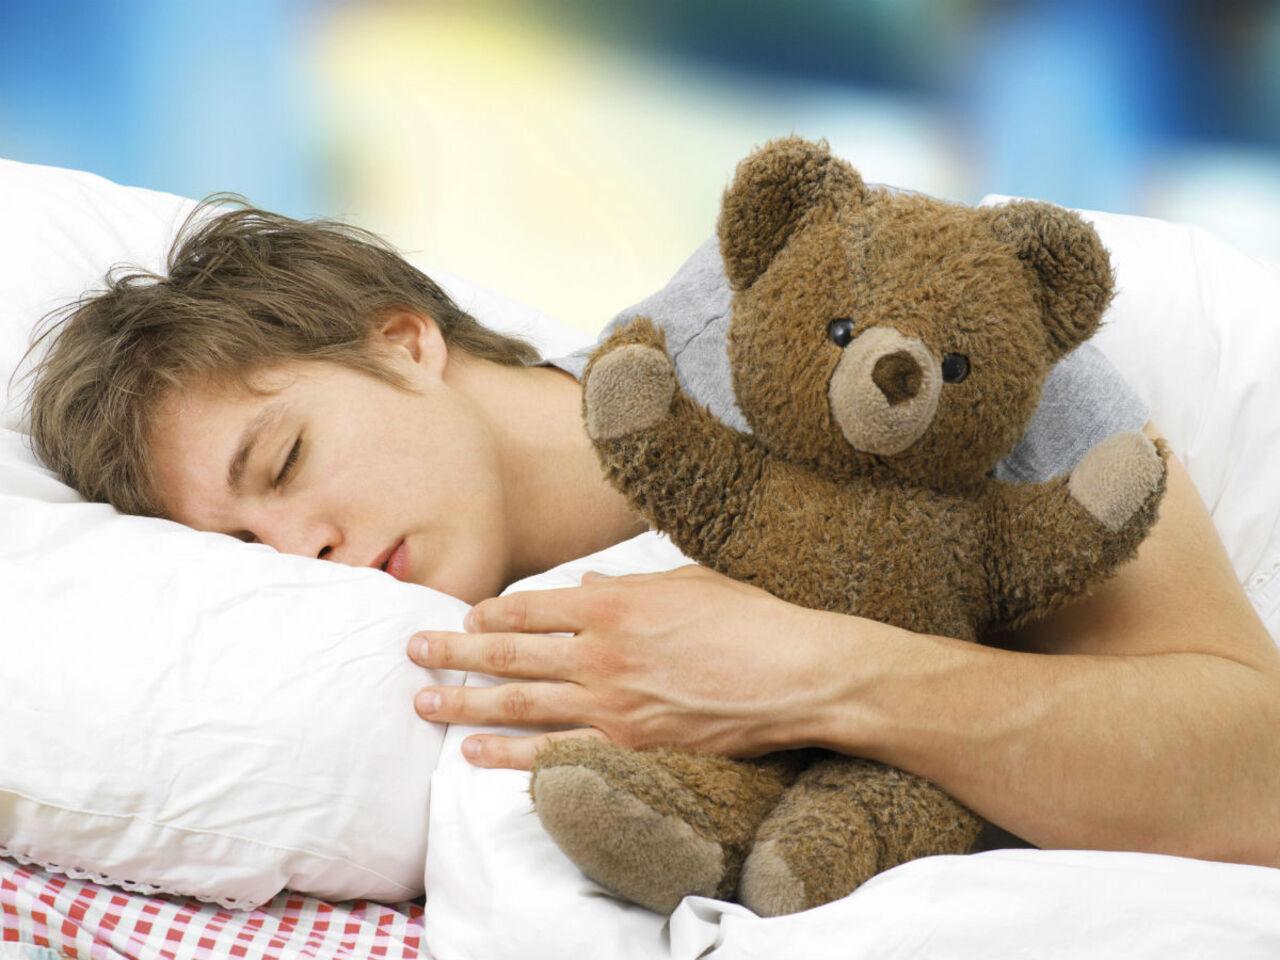 Сон неменее 9 часов может угрожать здоровью человека— Ученые